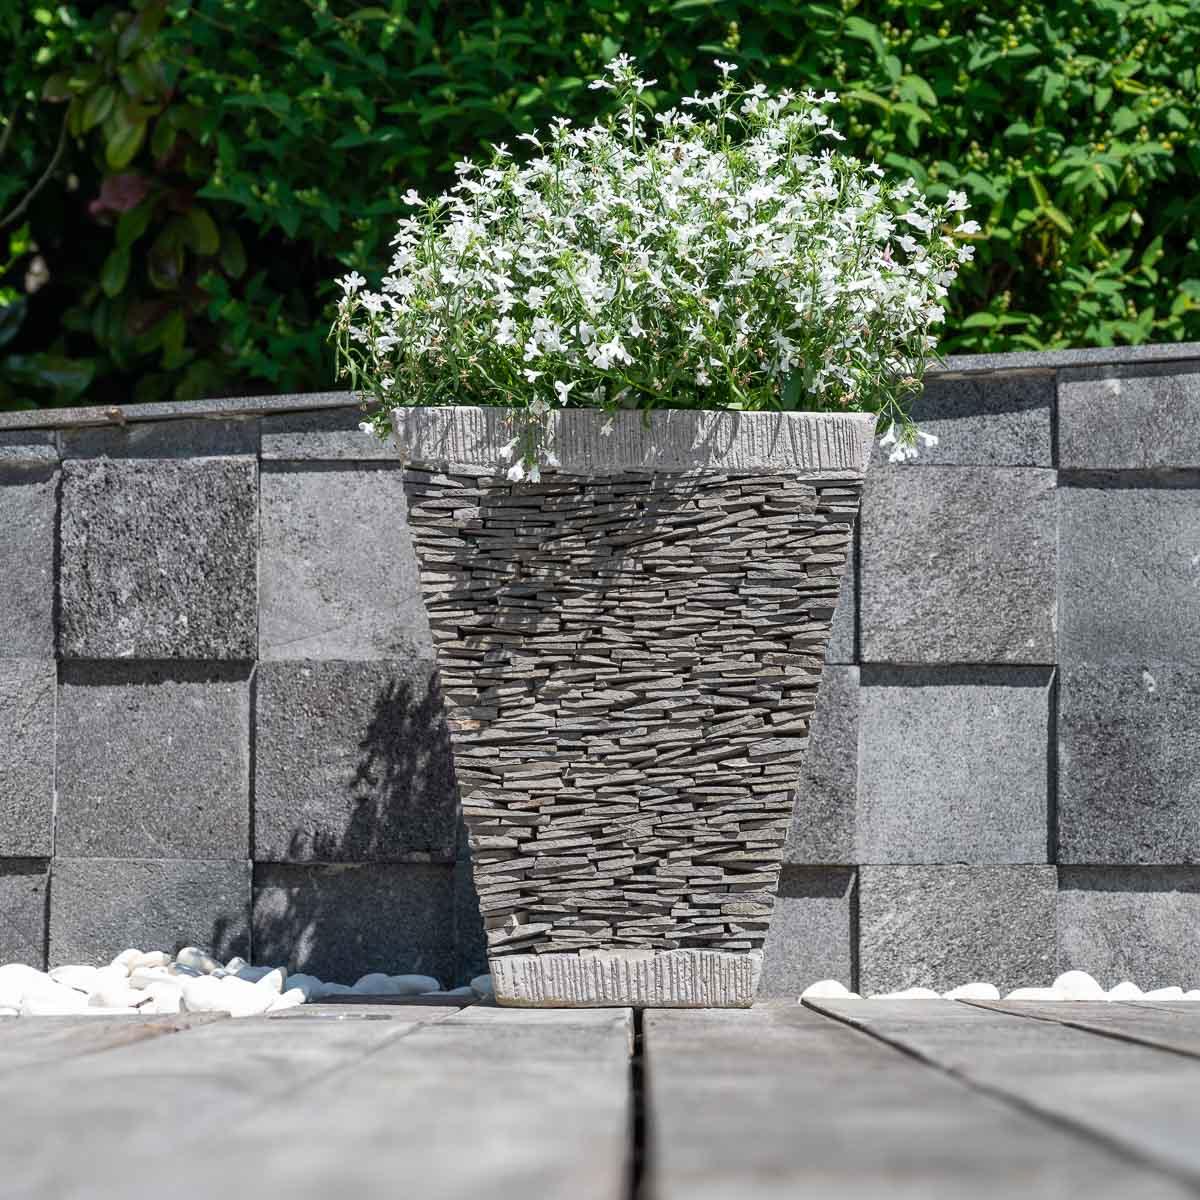 pot bac jardini re carr ardoise hauteur 50cm pierre naturelle. Black Bedroom Furniture Sets. Home Design Ideas